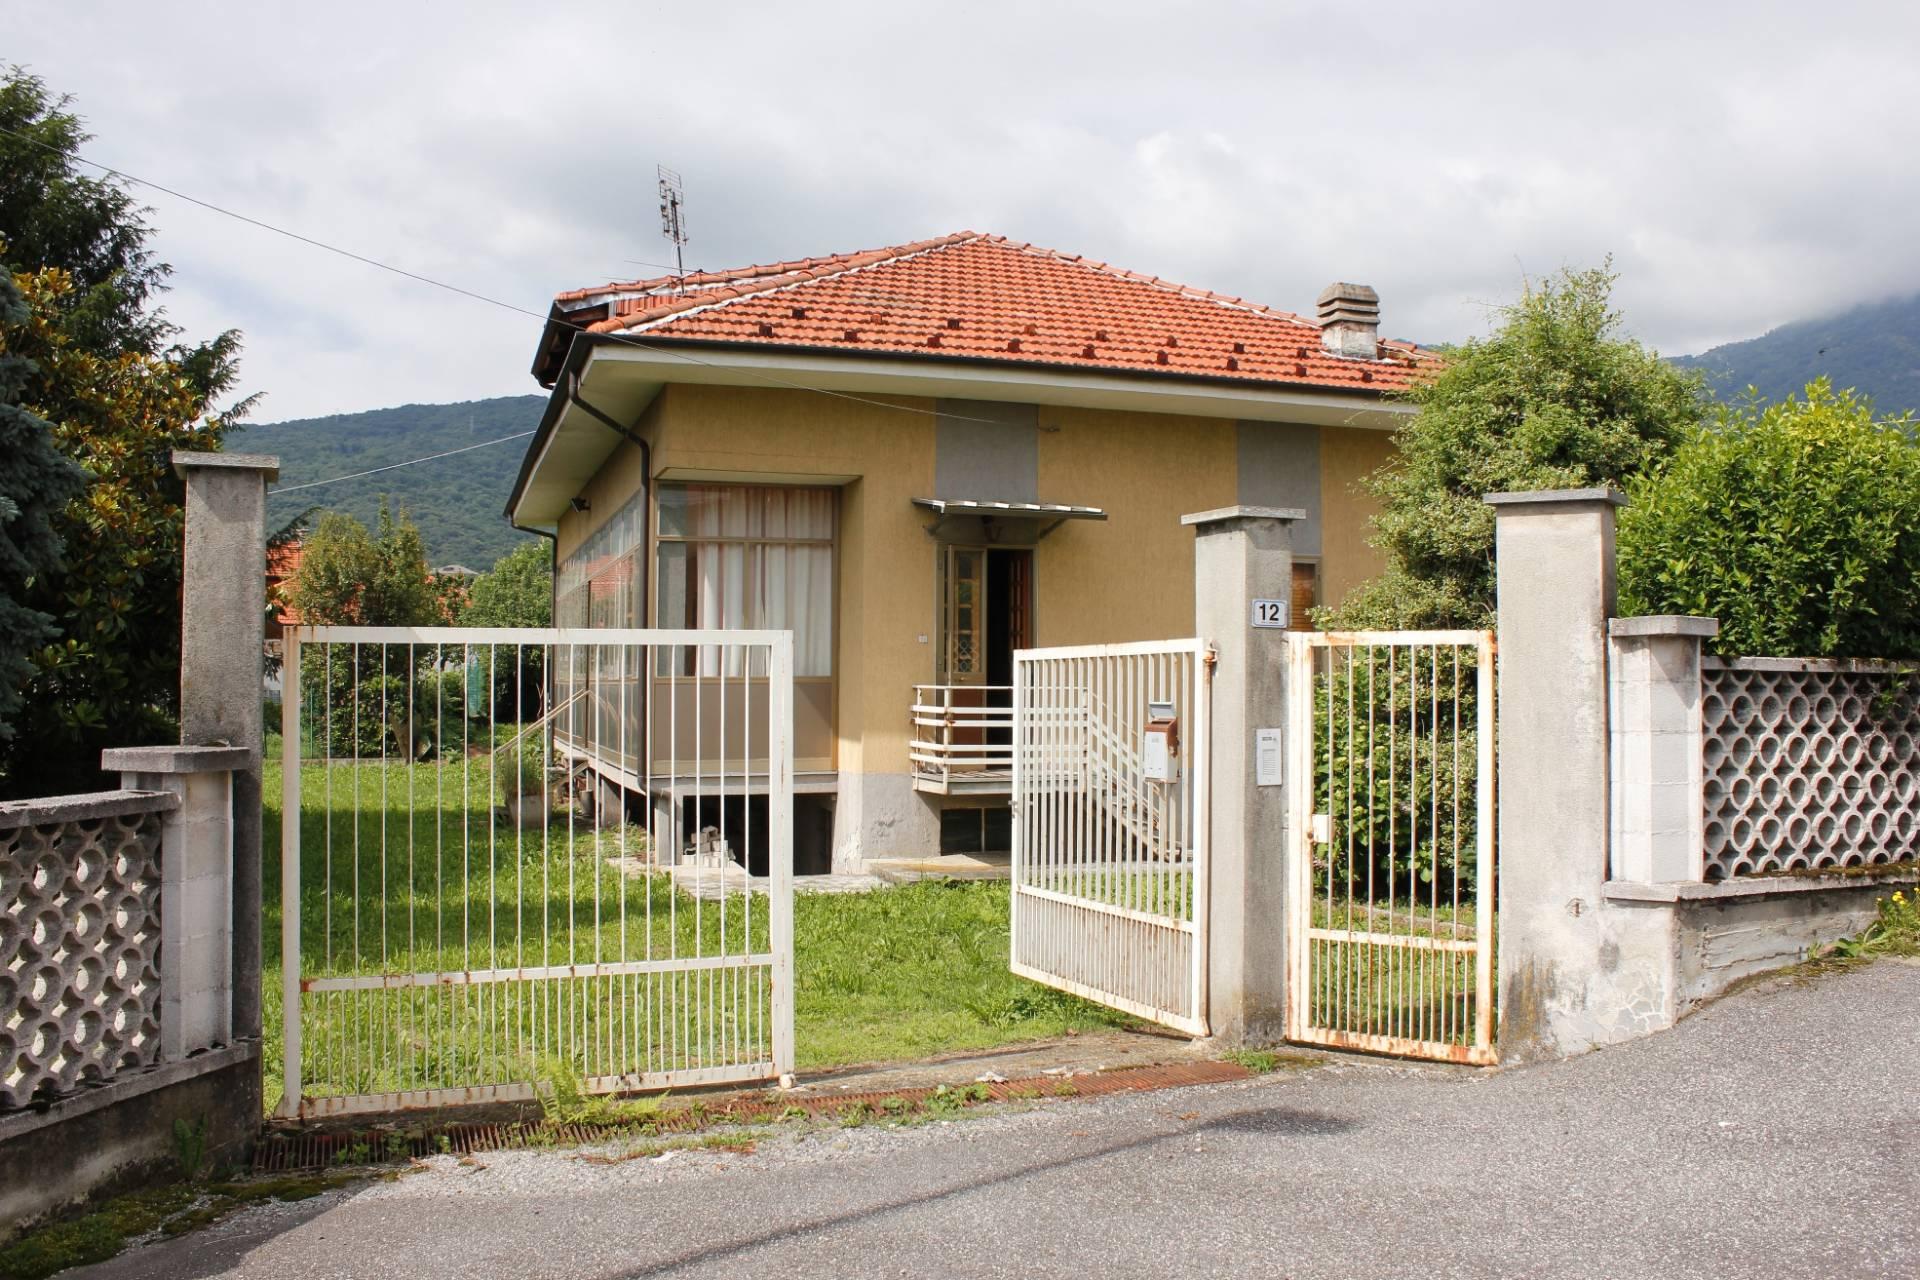 Villa/Villino in Vendita a Forno Canavese Cod. CBI098-1045-32